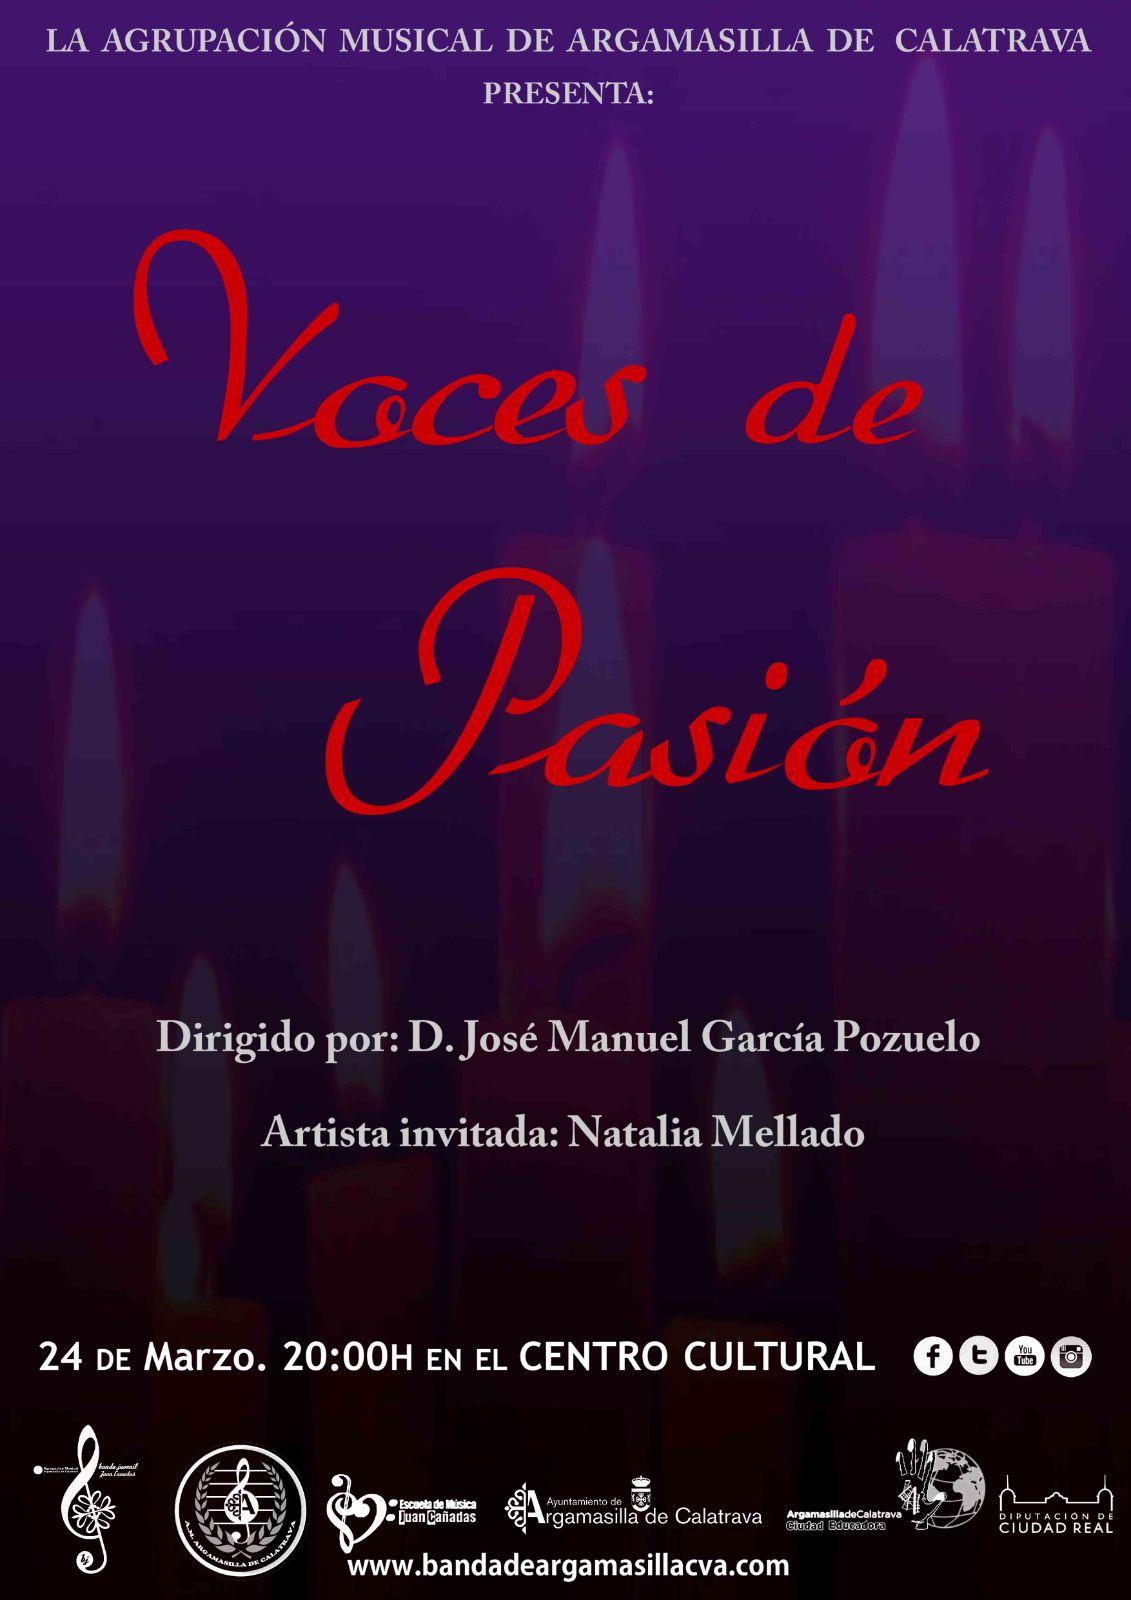 Natalia Mellado sumará su voz a las notas con que la Agrupación Musical interpretará marchas procesionales con letra